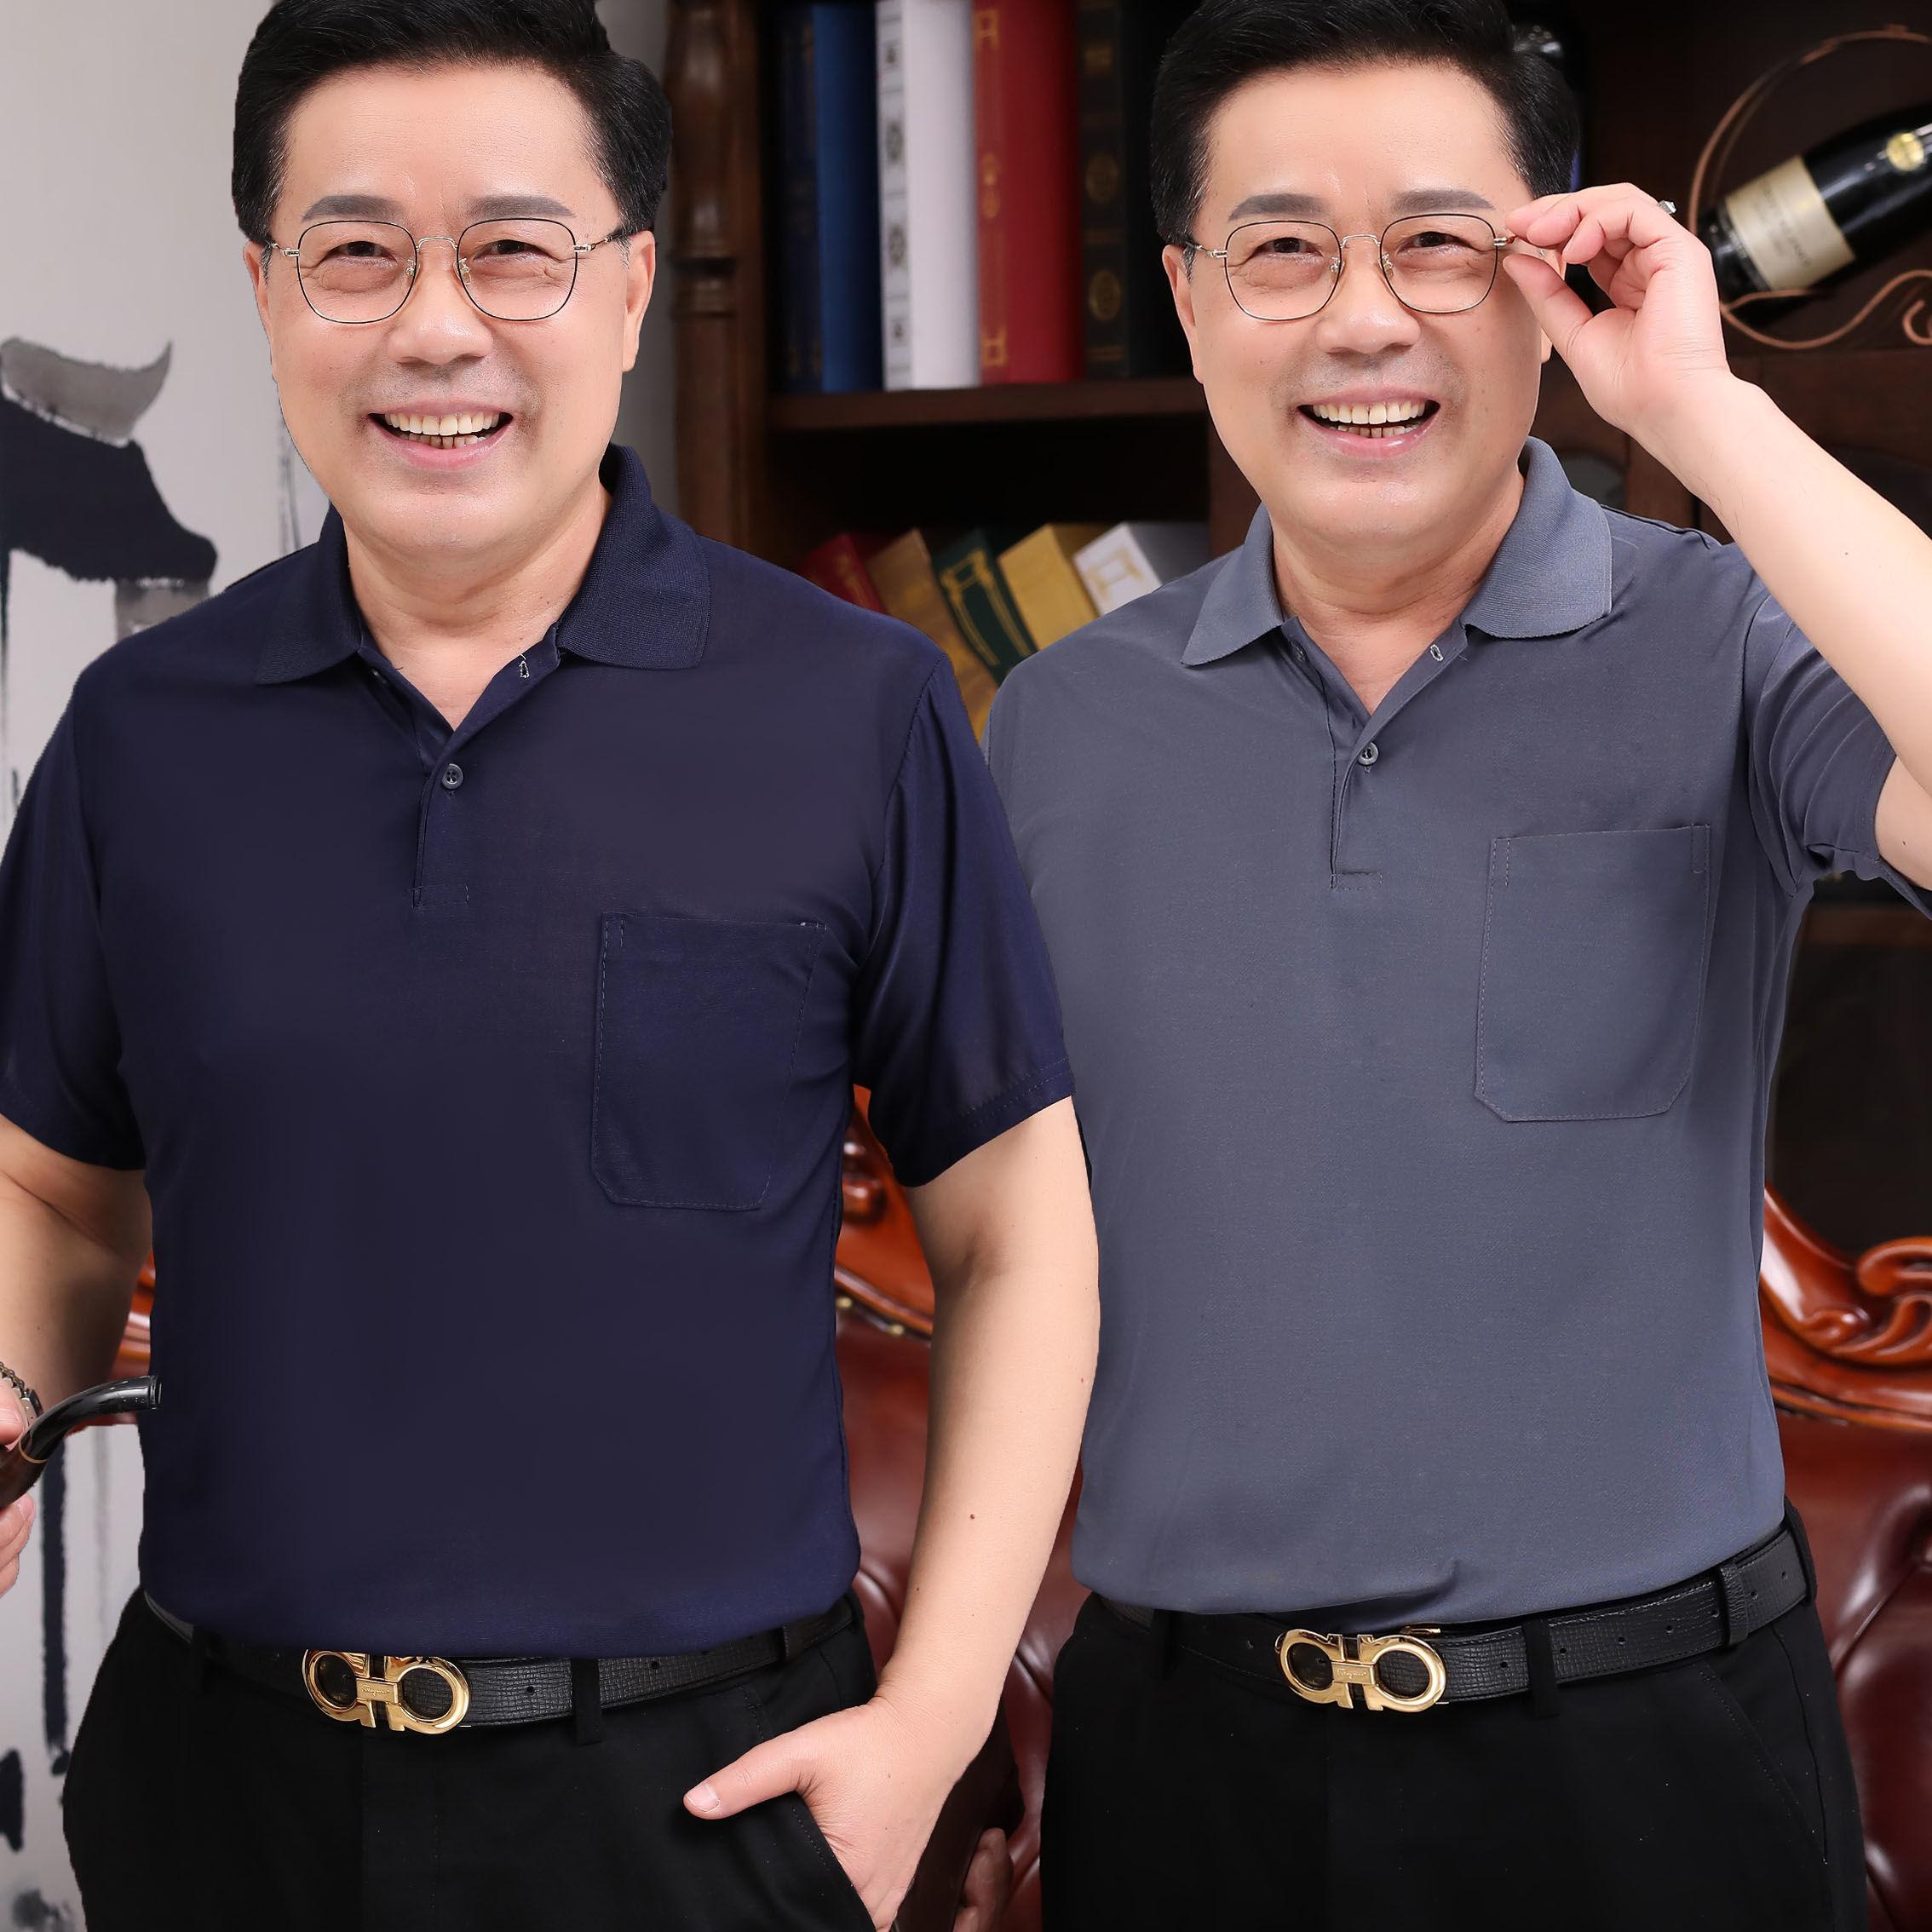 爸爸短袖t恤中年男士宽松上衣服中老年人清凉夏季薄款老爷爷夏装